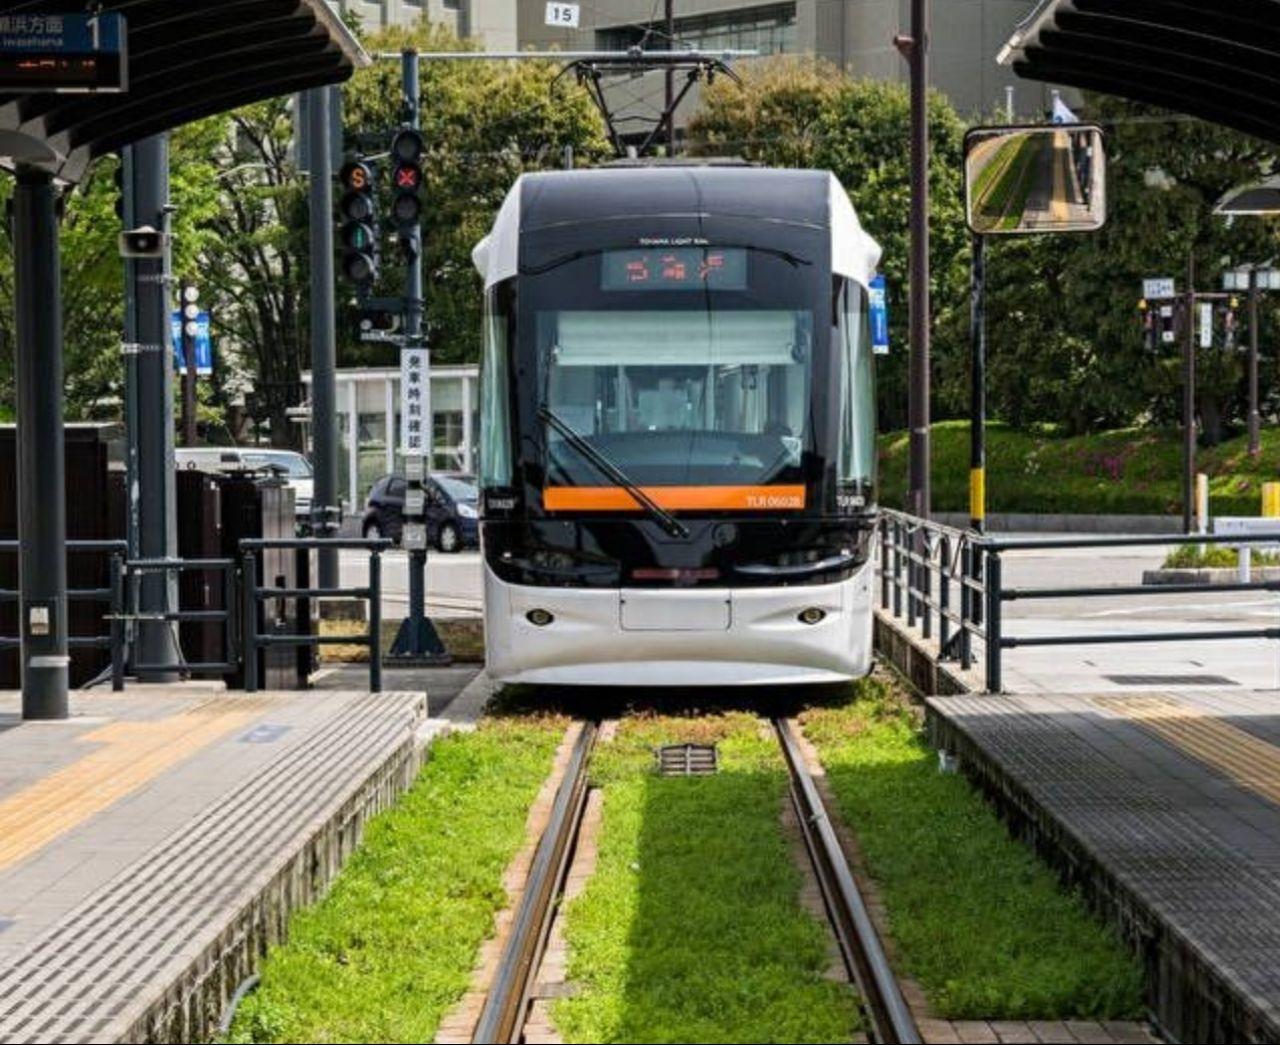 شفافیت در نحوه توسعه حمل و نقل ریلی درون شهری از طریق سامانههای کم ظرفیت تراموا